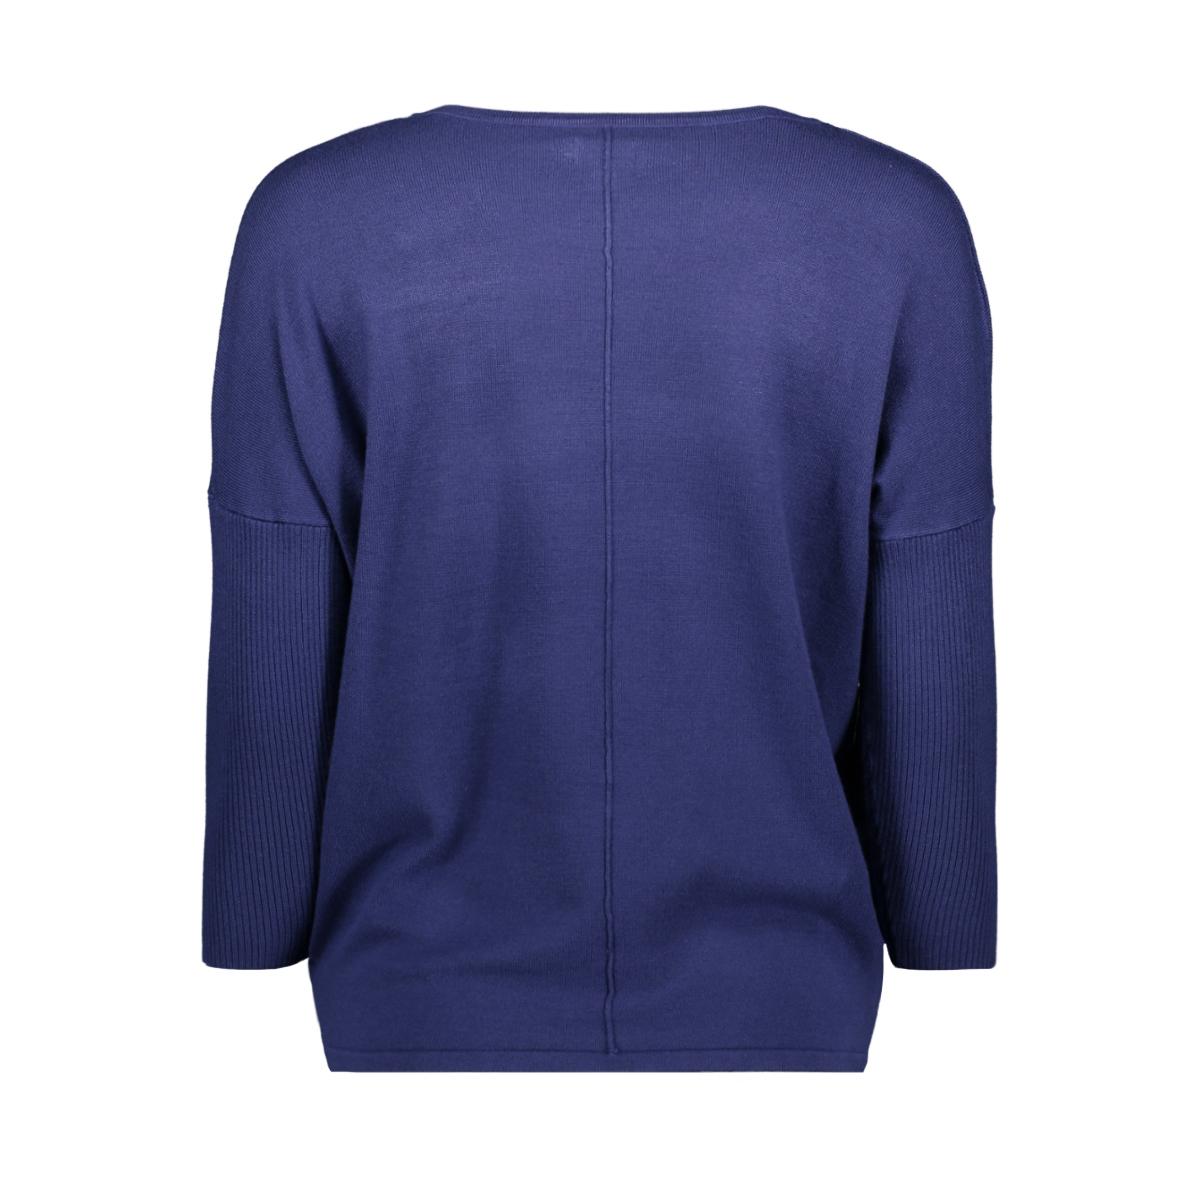 knit blouse w rib a2561 saint tropez trui 9242 ribbon